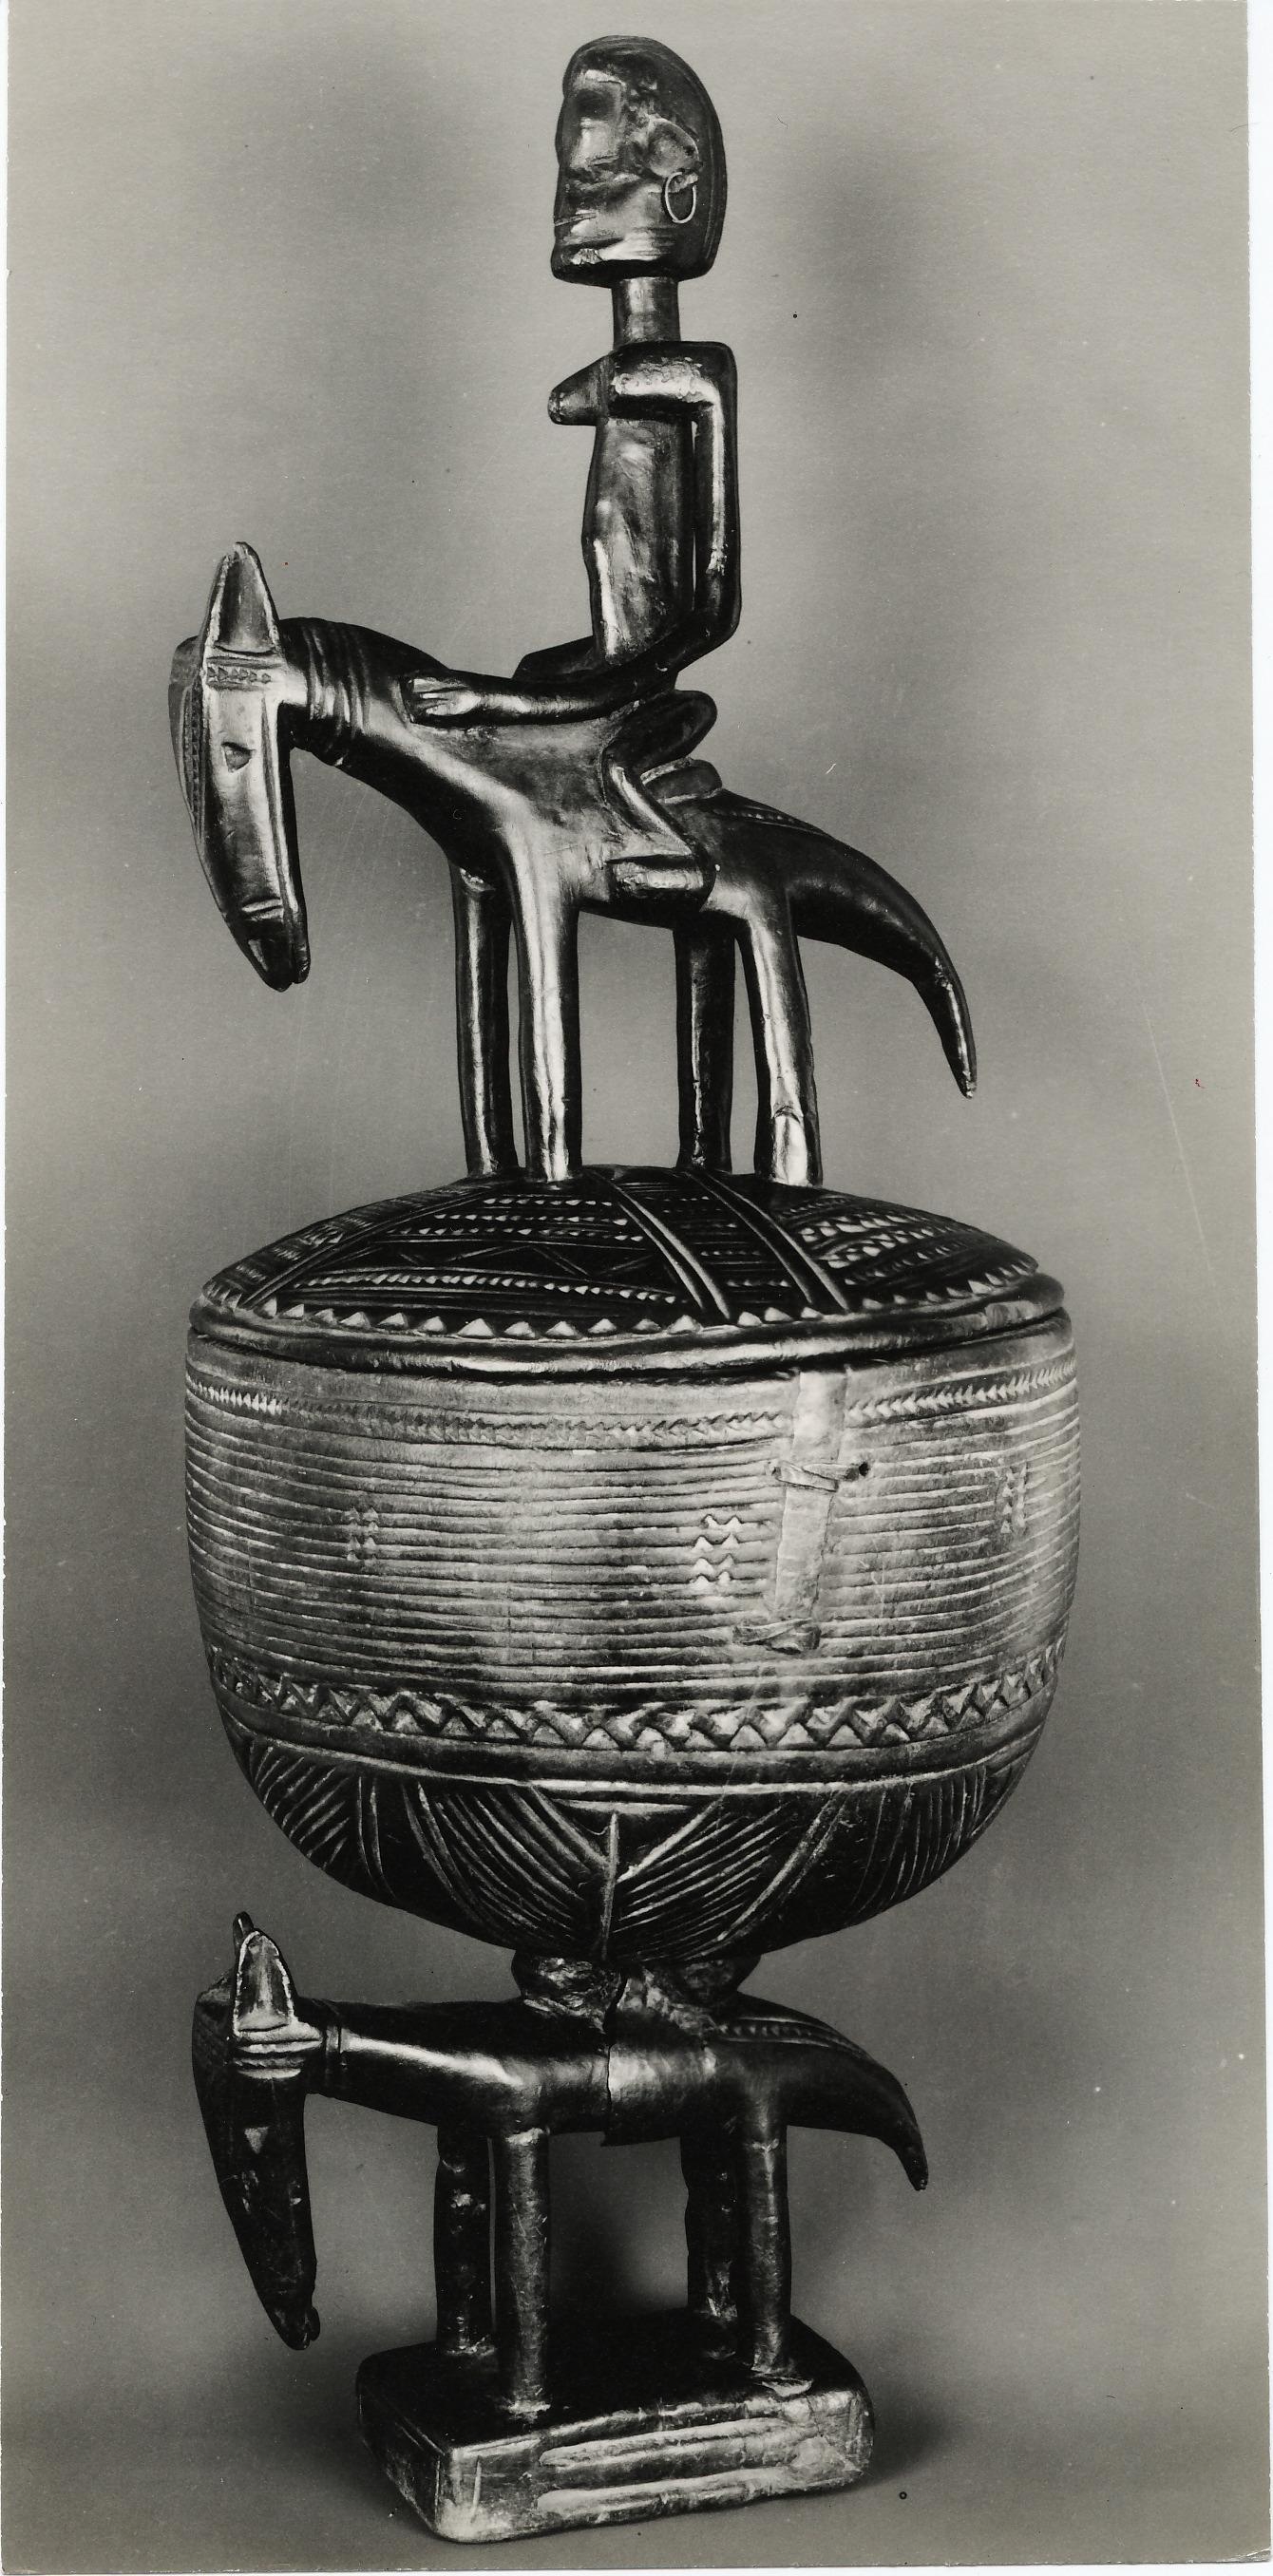 Walker Evans, Urne avec couvercle surmonté d'un oiseau, Sudan français, 1935, tirage argentique d'époque,23,6 x 12,2 cm ©DR